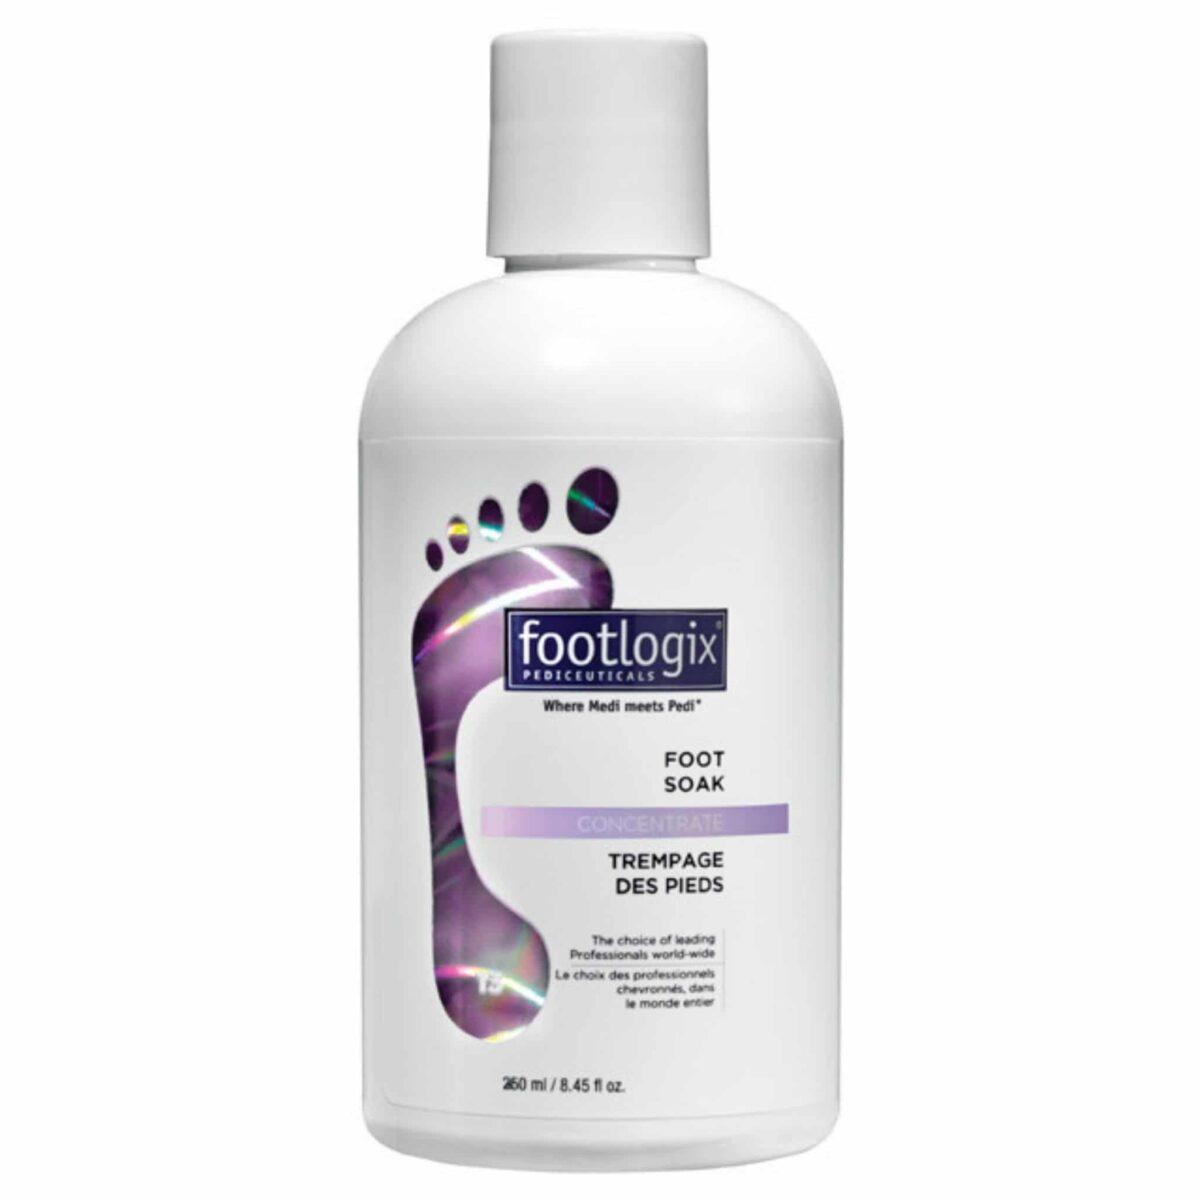 Footlogix Foot Soak